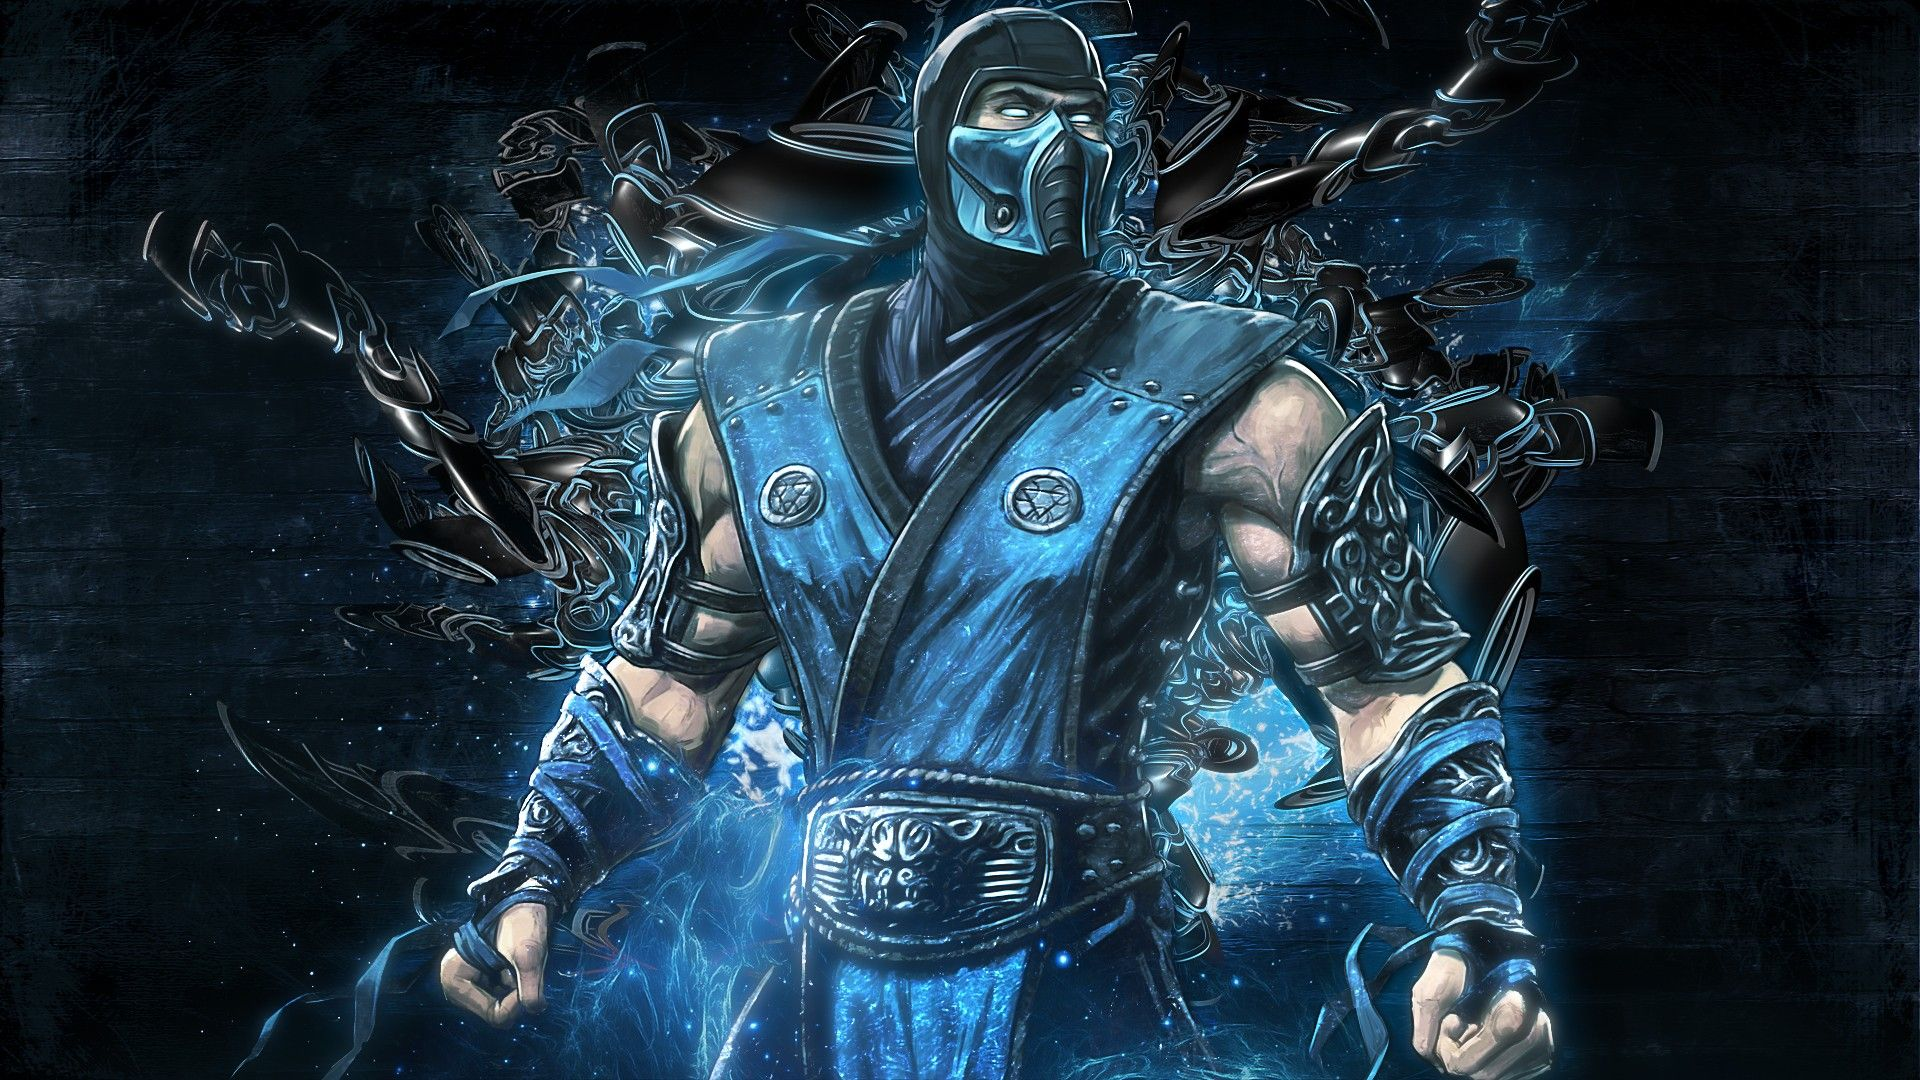 Mortal Kombat Full Hd Wallpepers 1920x1080 Desktop Backgrounds Hd